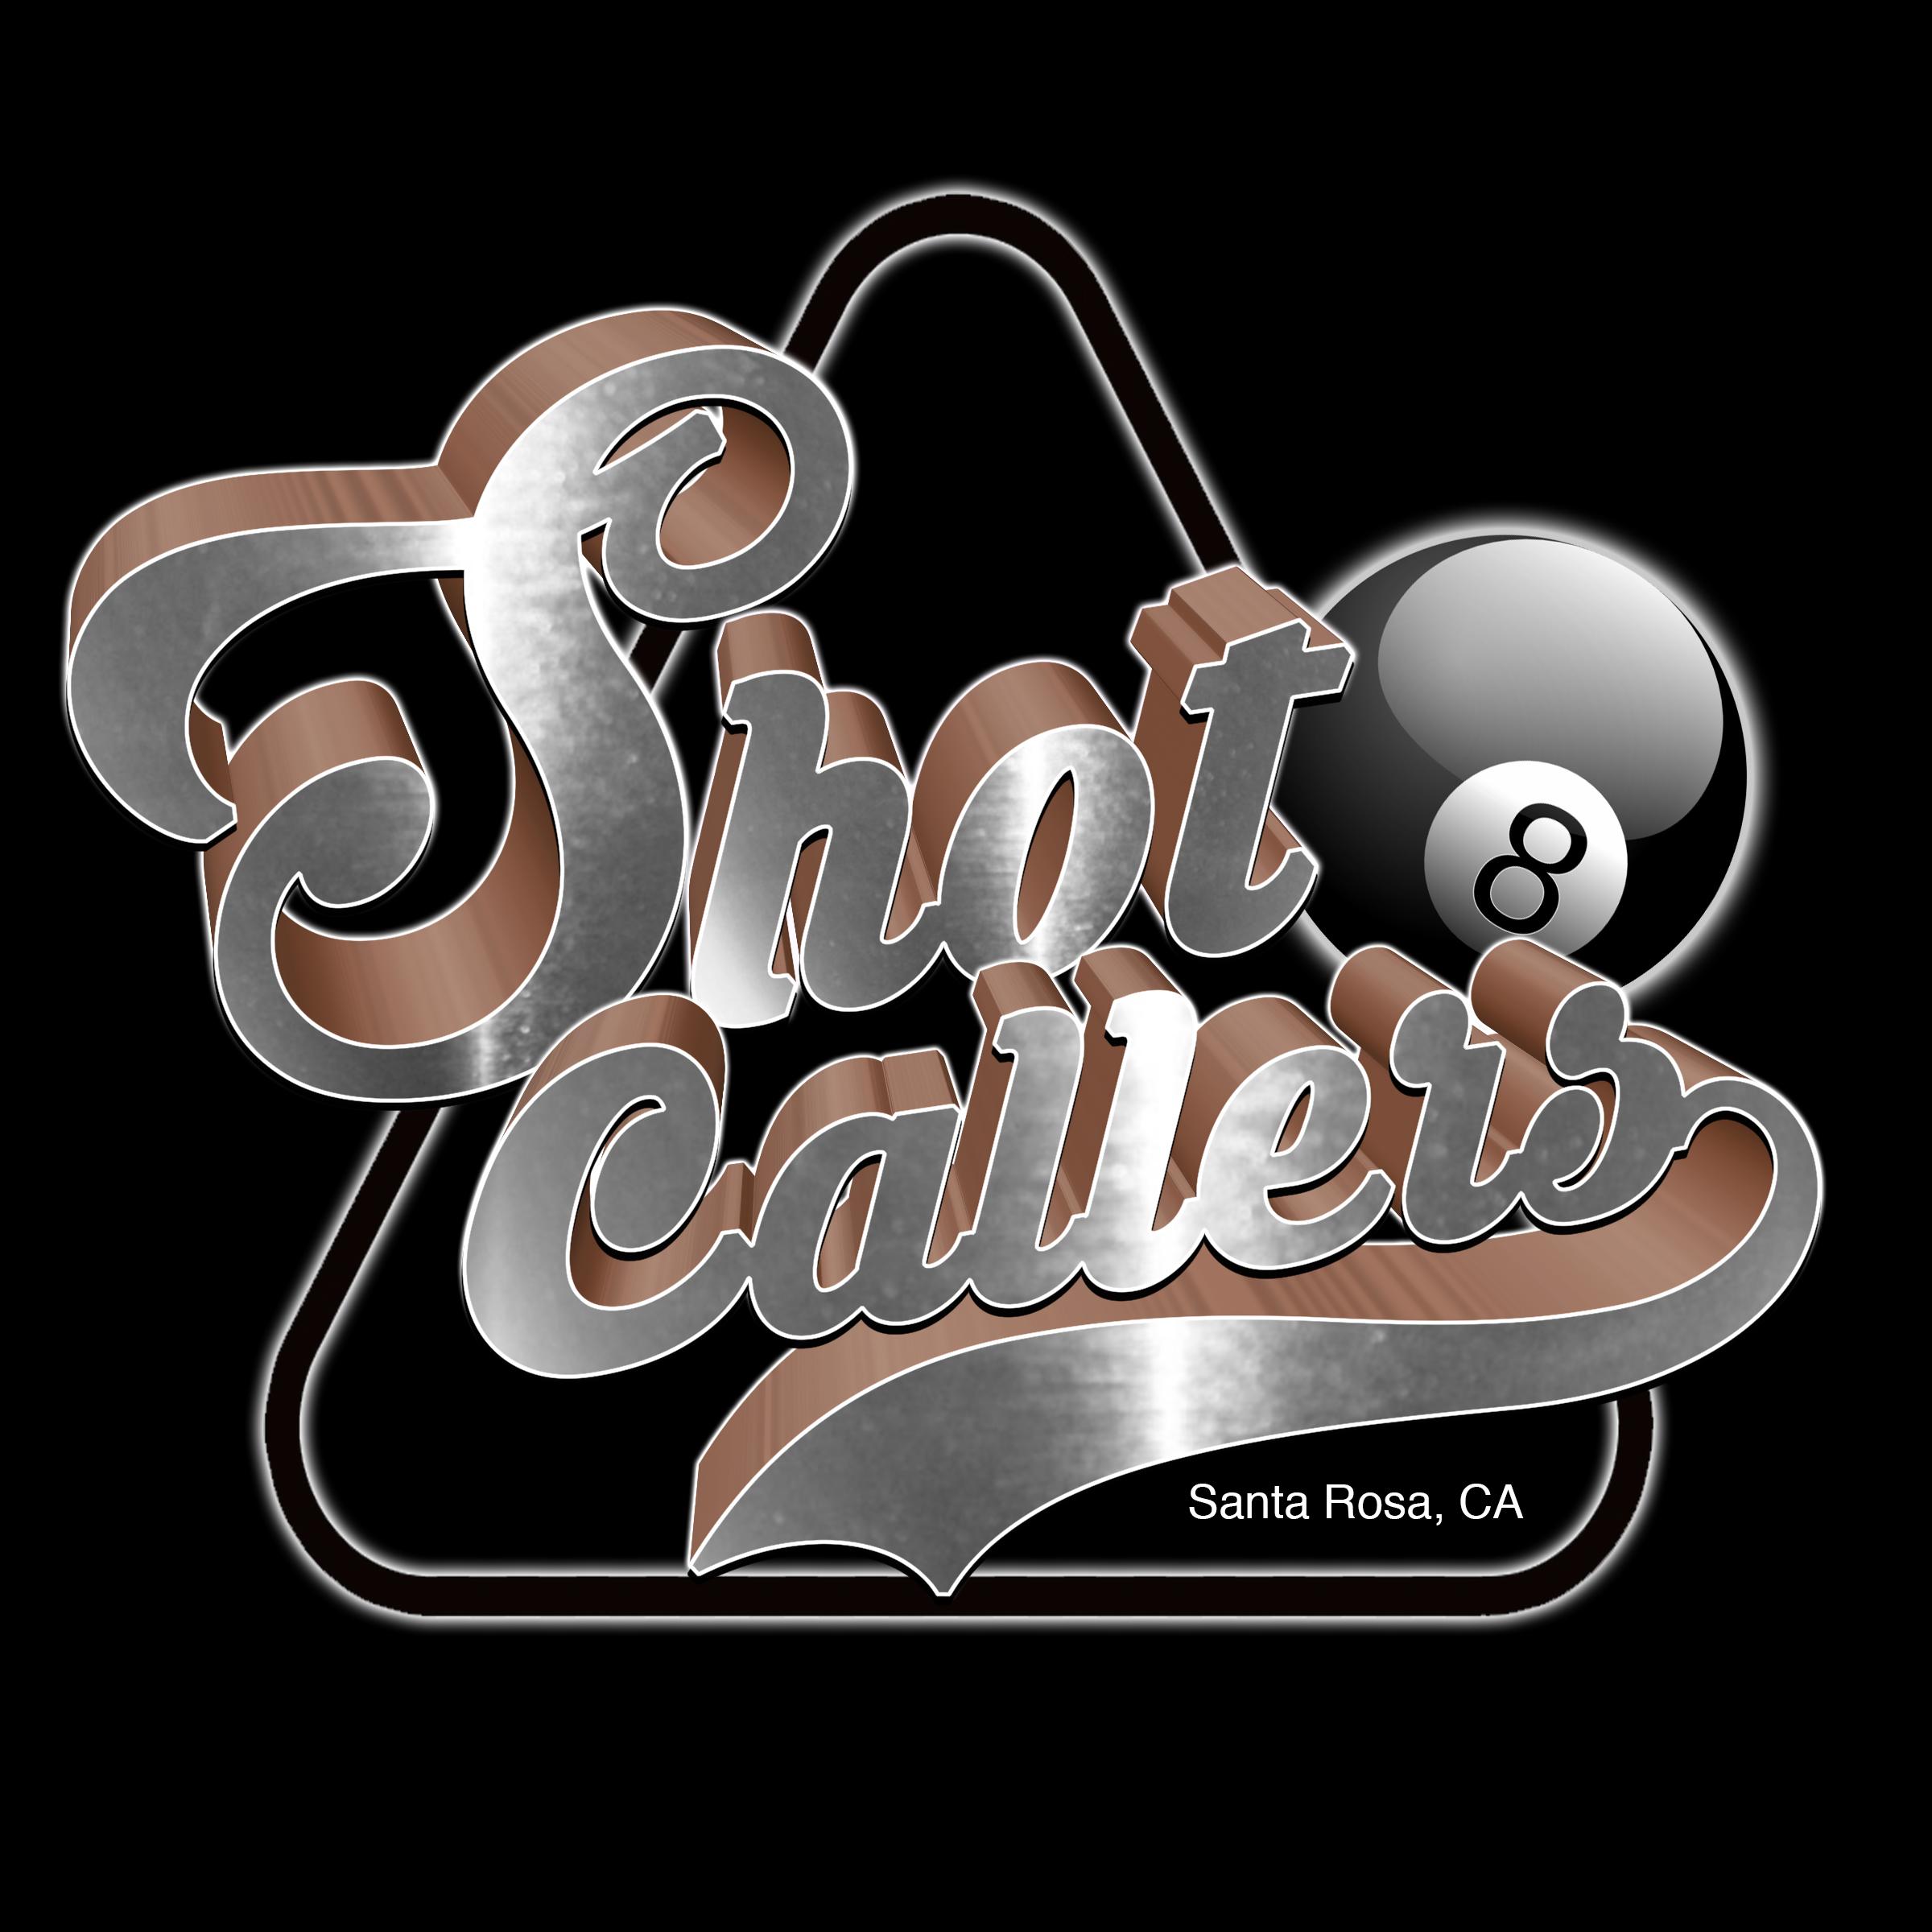 shot_callers